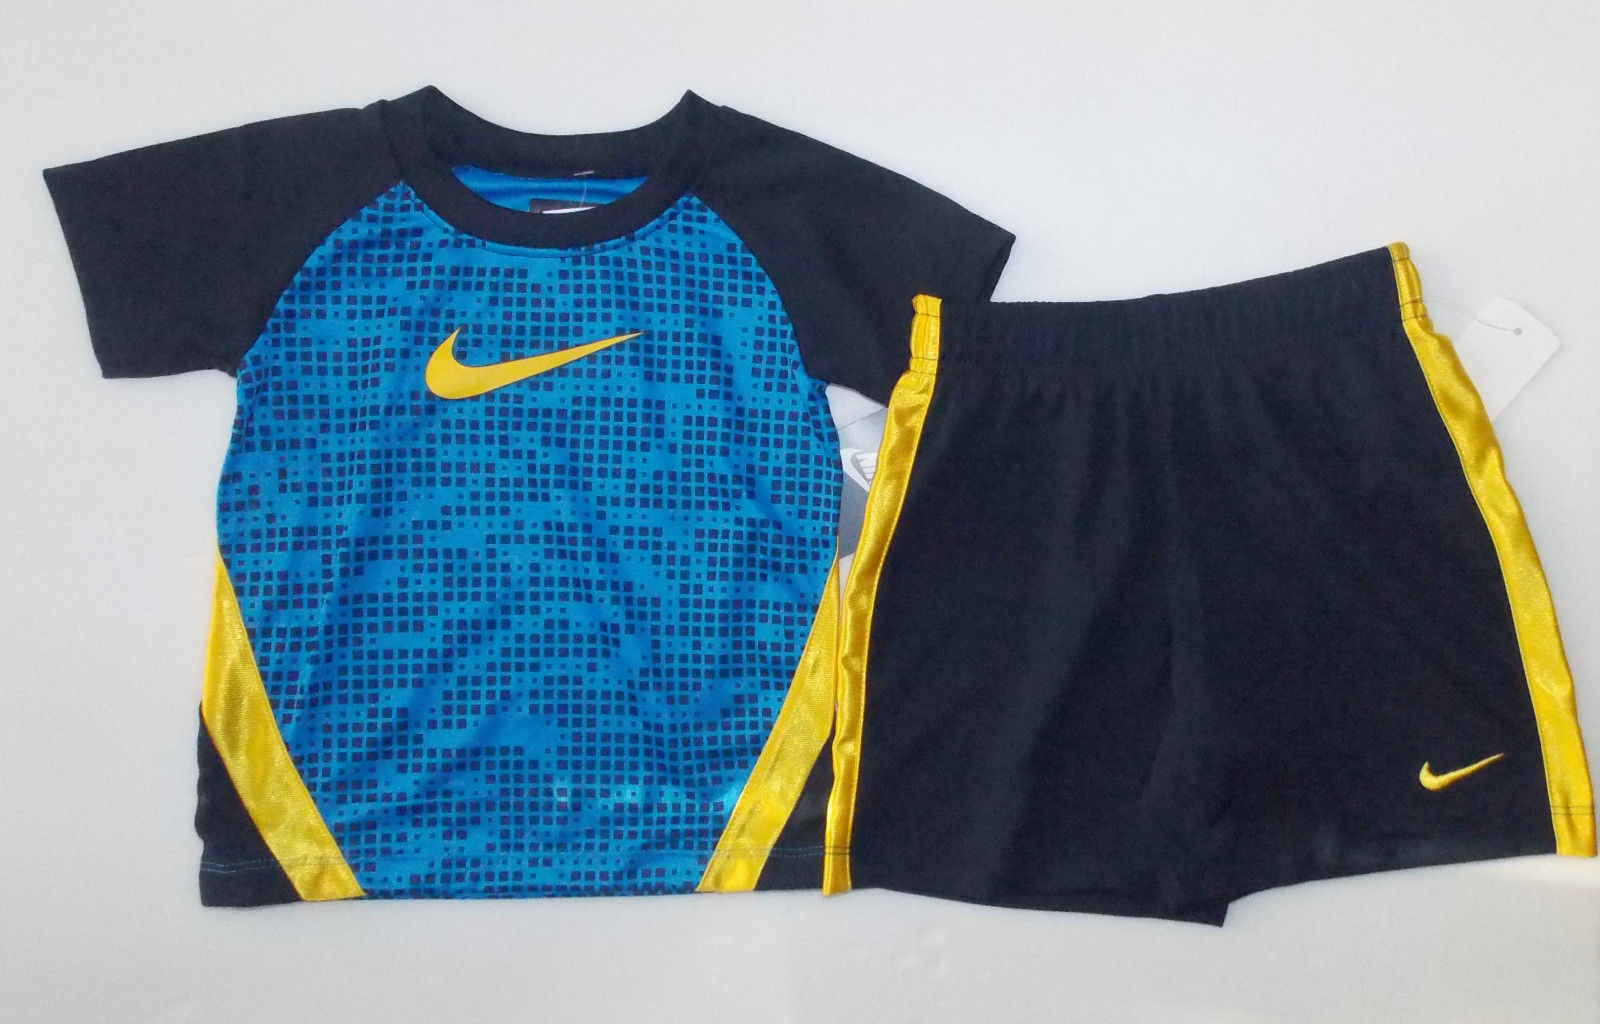 4b5f32c635ff77 Nike Infant Boys T-Shirt   Shorts Set Blue Yellow Black Sizes 18M   24M NWT